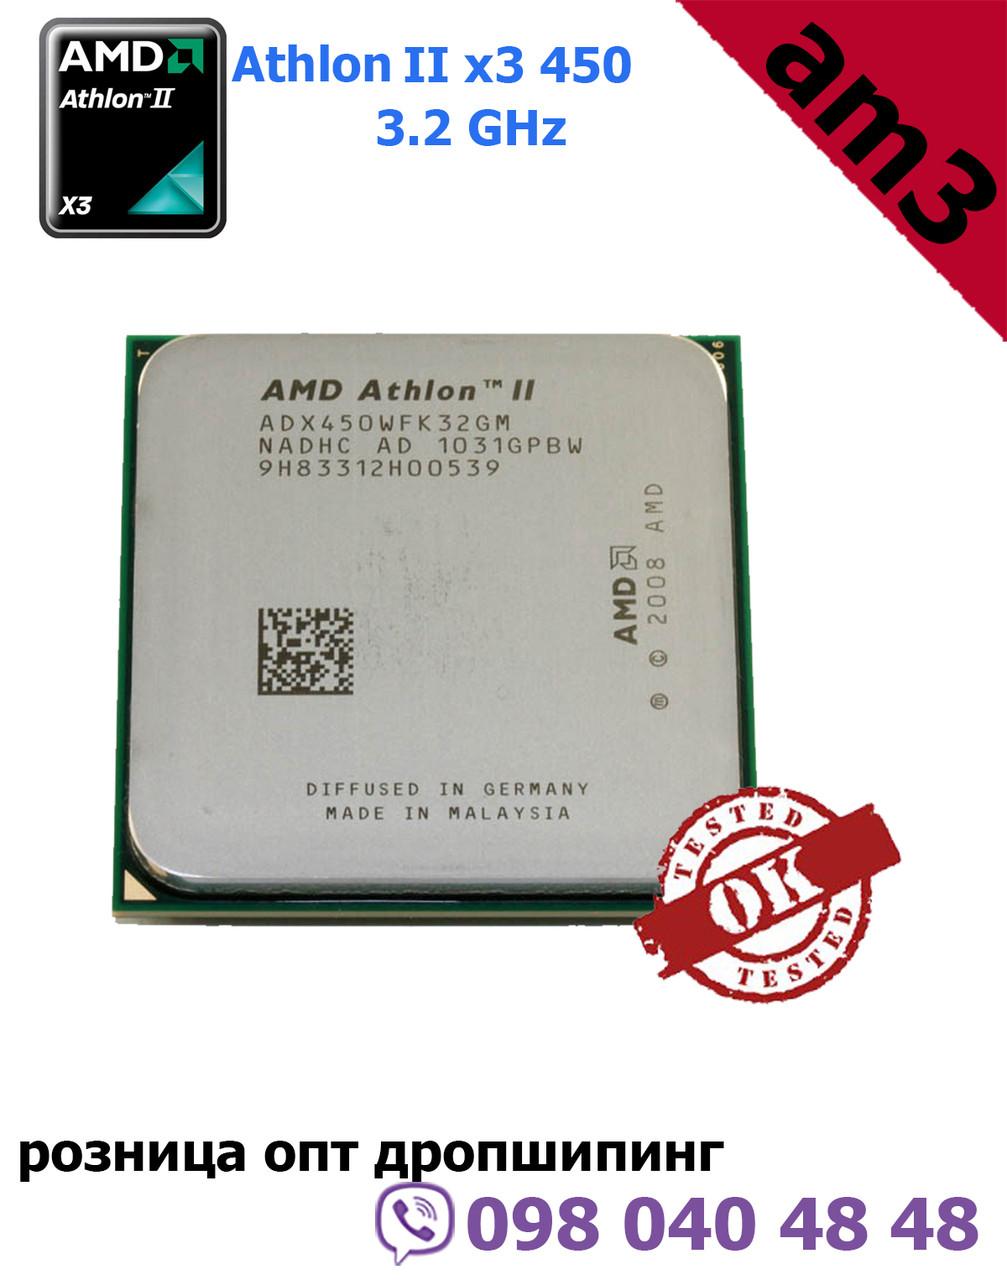 Процессор AMD Athlon II X3 450, 3 ядра, 3.2 ГГц, AM3